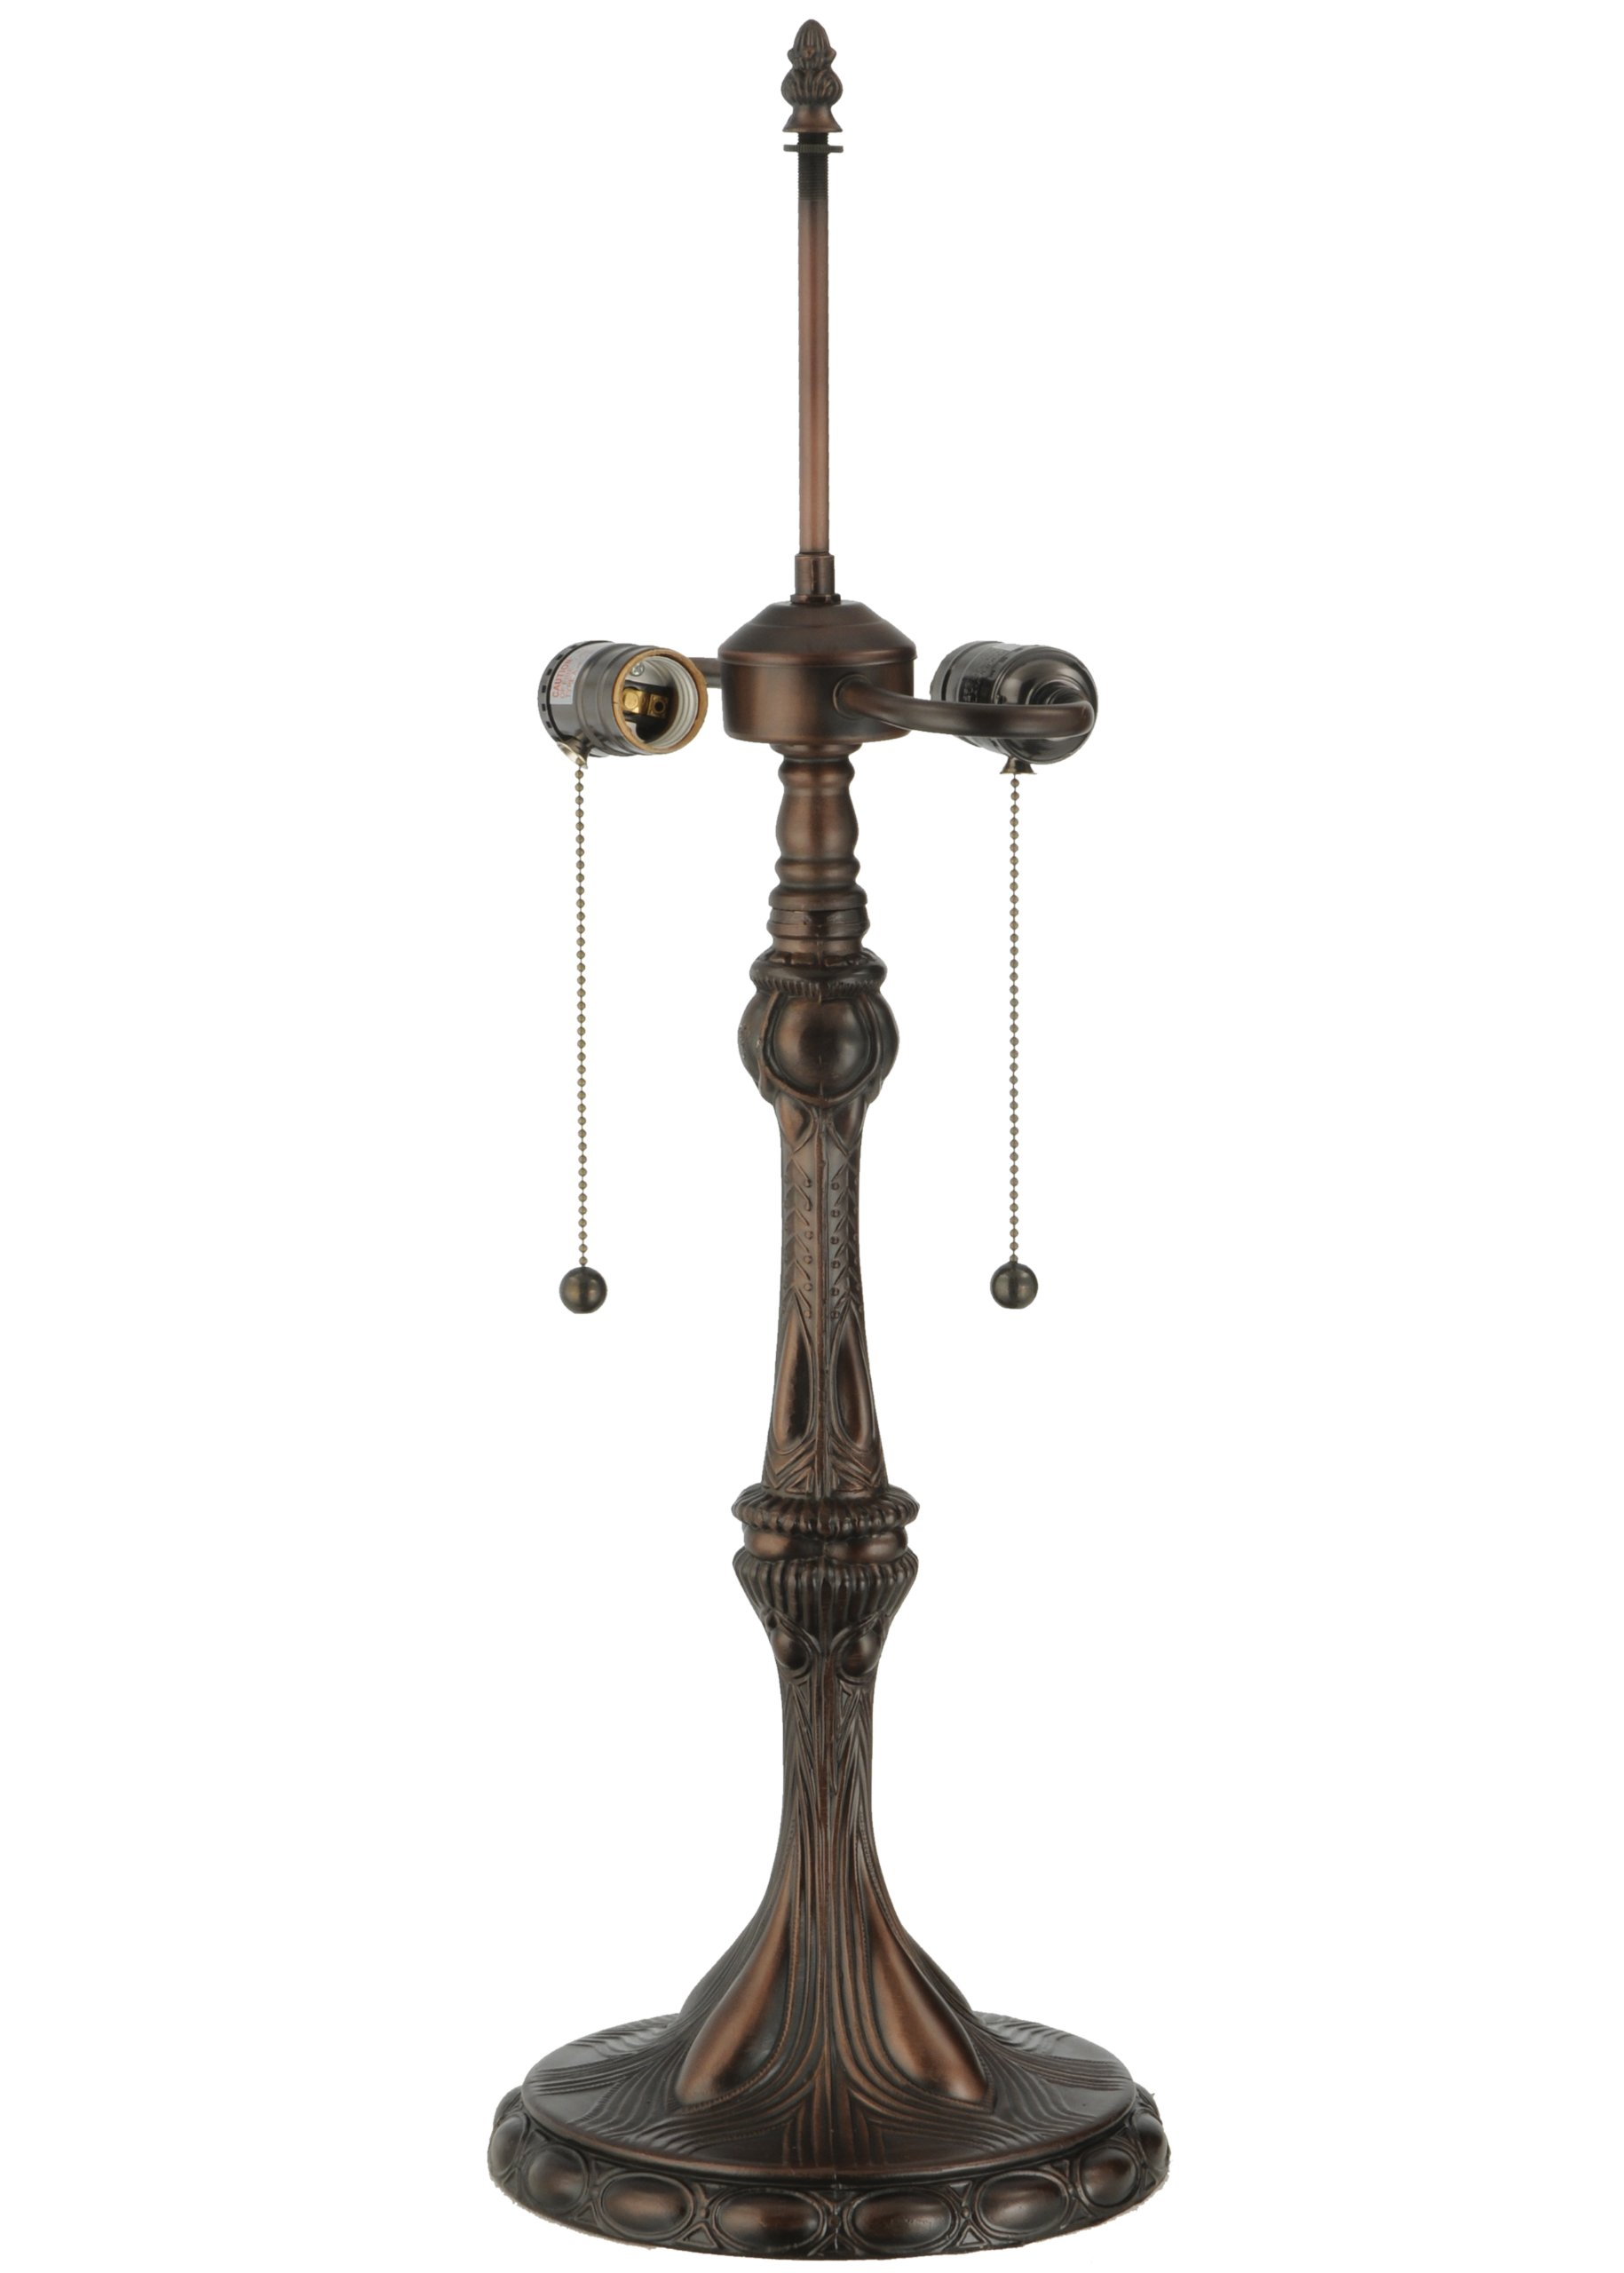 Gypsy 2-Light Lamp Base by Meyda Tiffany